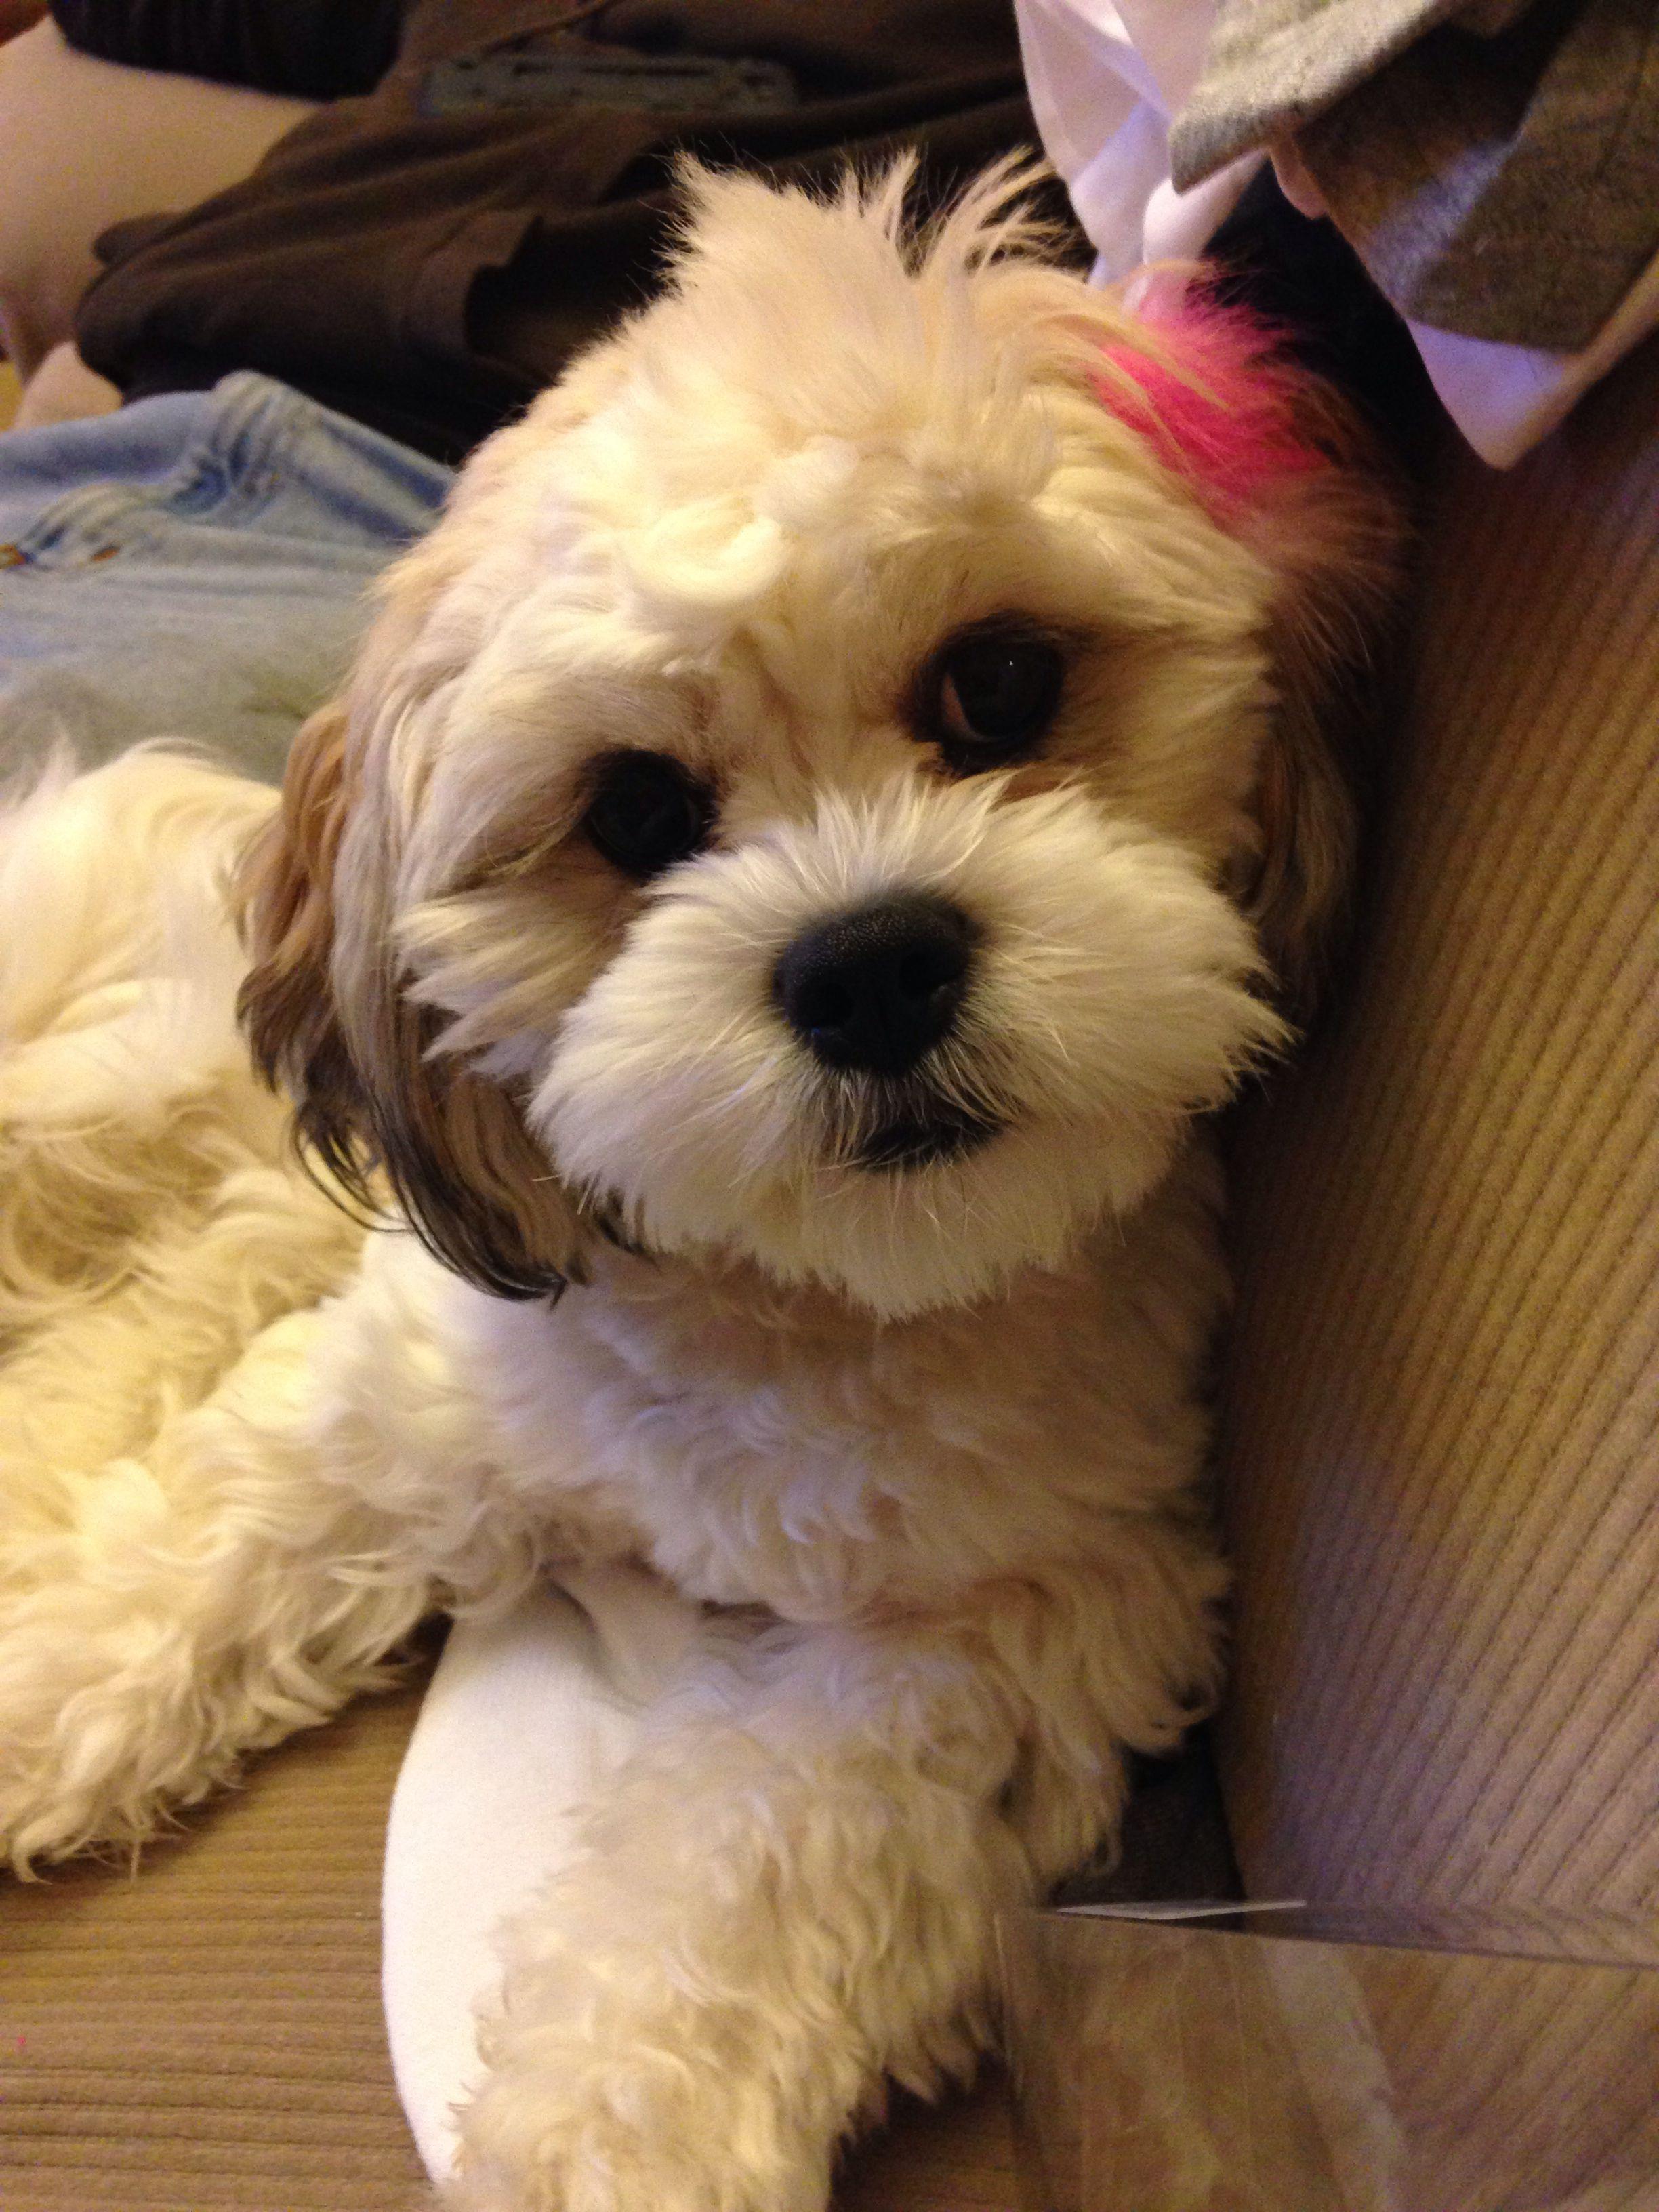 My Zucho Khloe My Shichon Puppy Our Teddy Bear